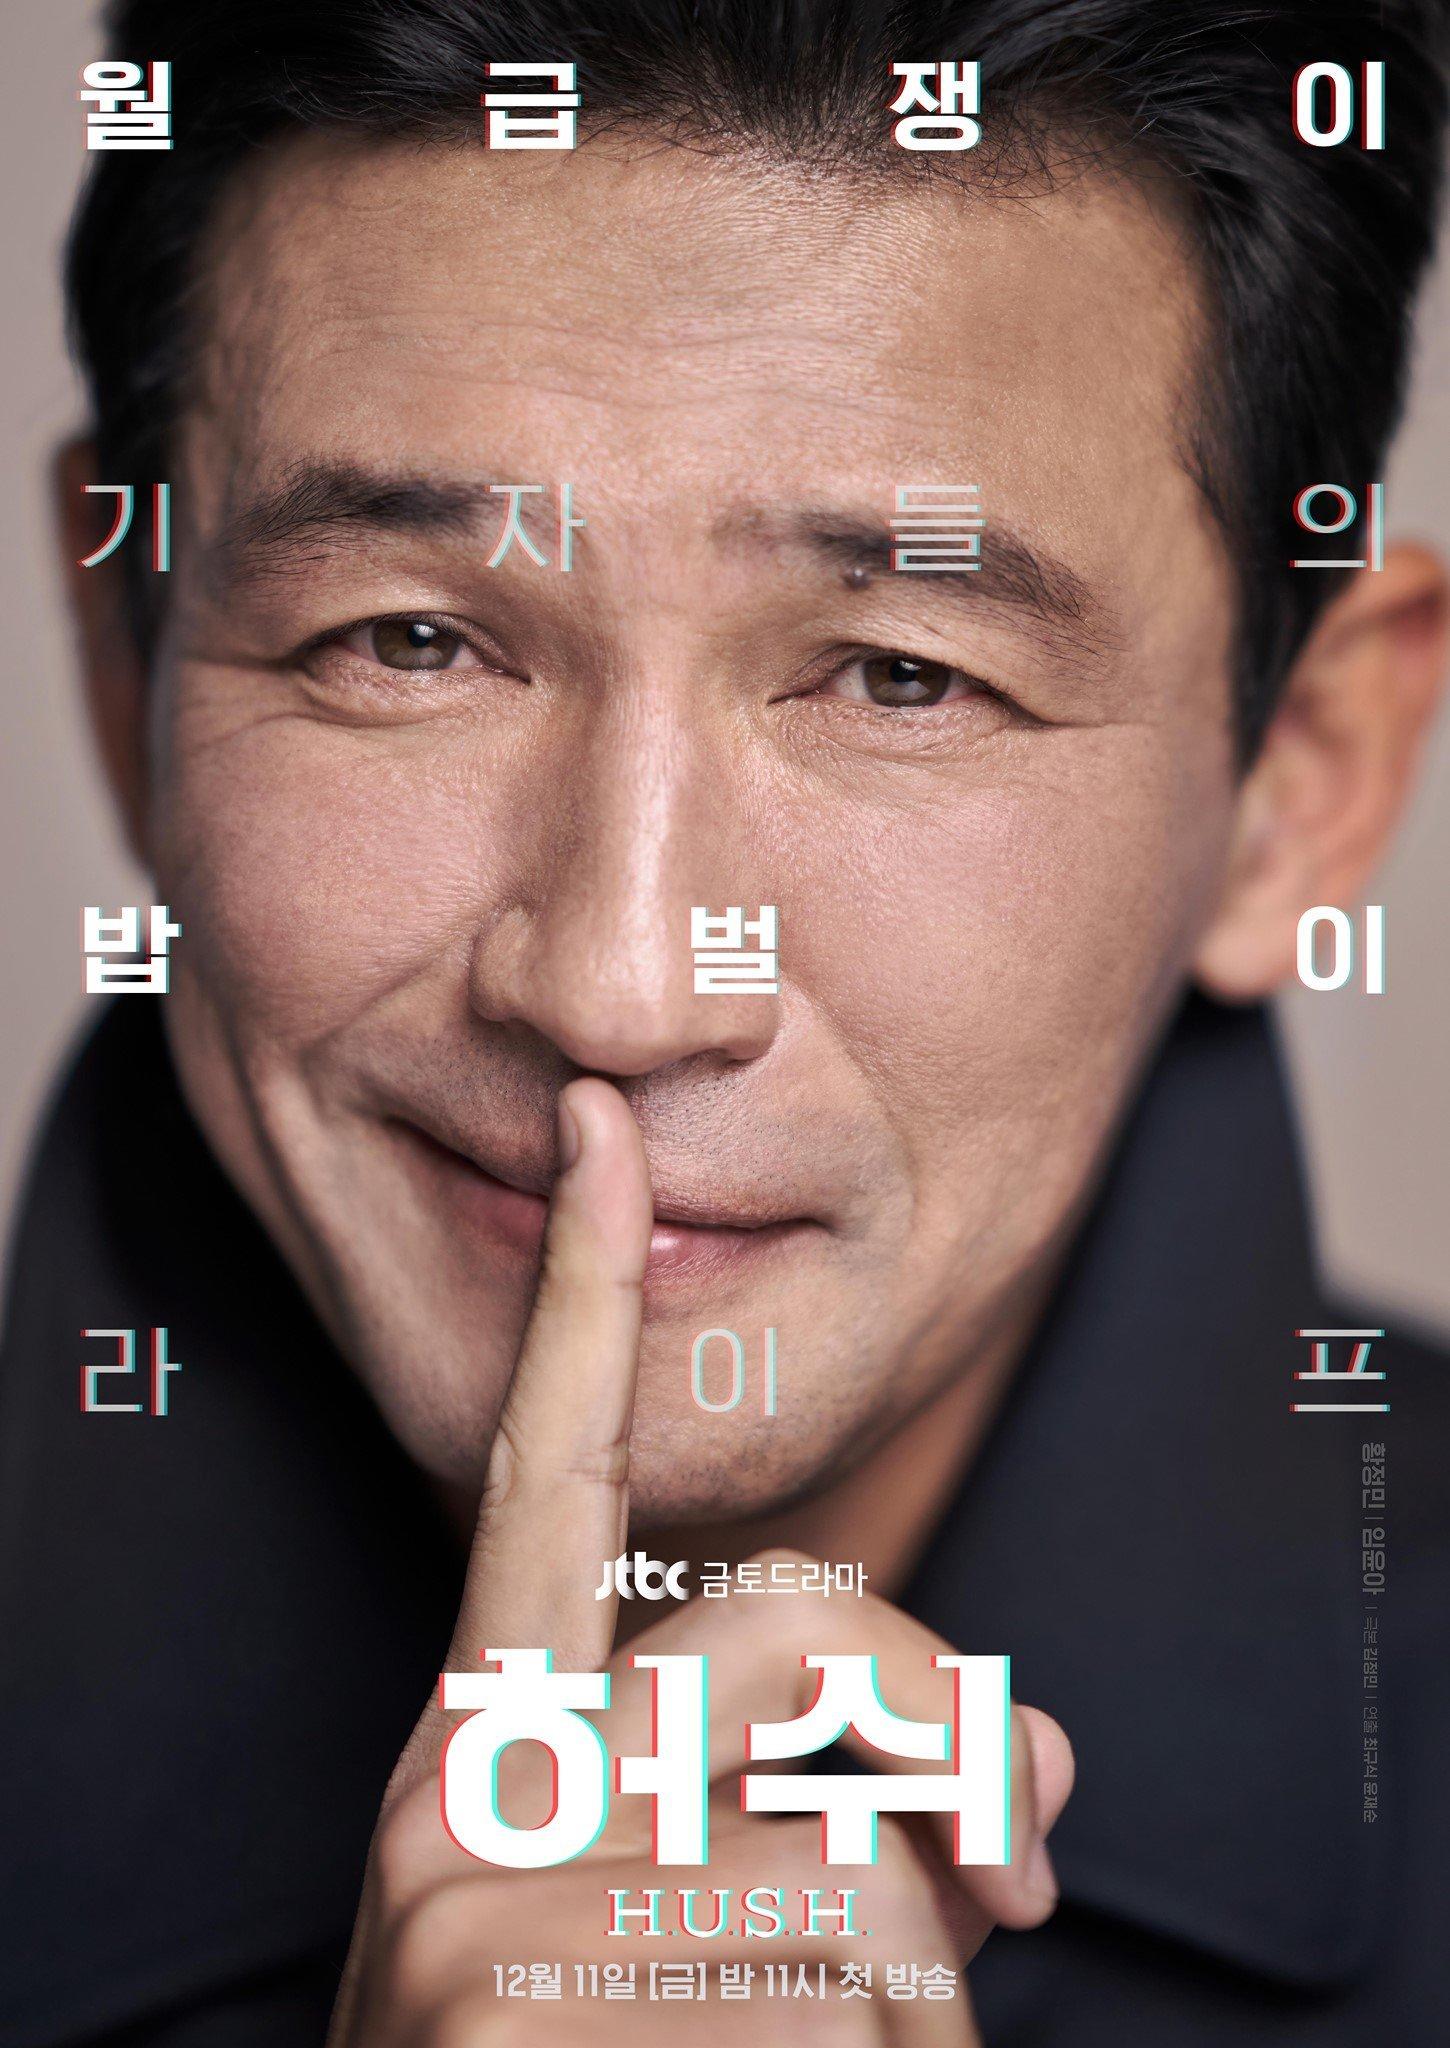 紧急停拍!韩国多个剧组出现新冠确诊者,连林允儿也已停工接受检测!插图7